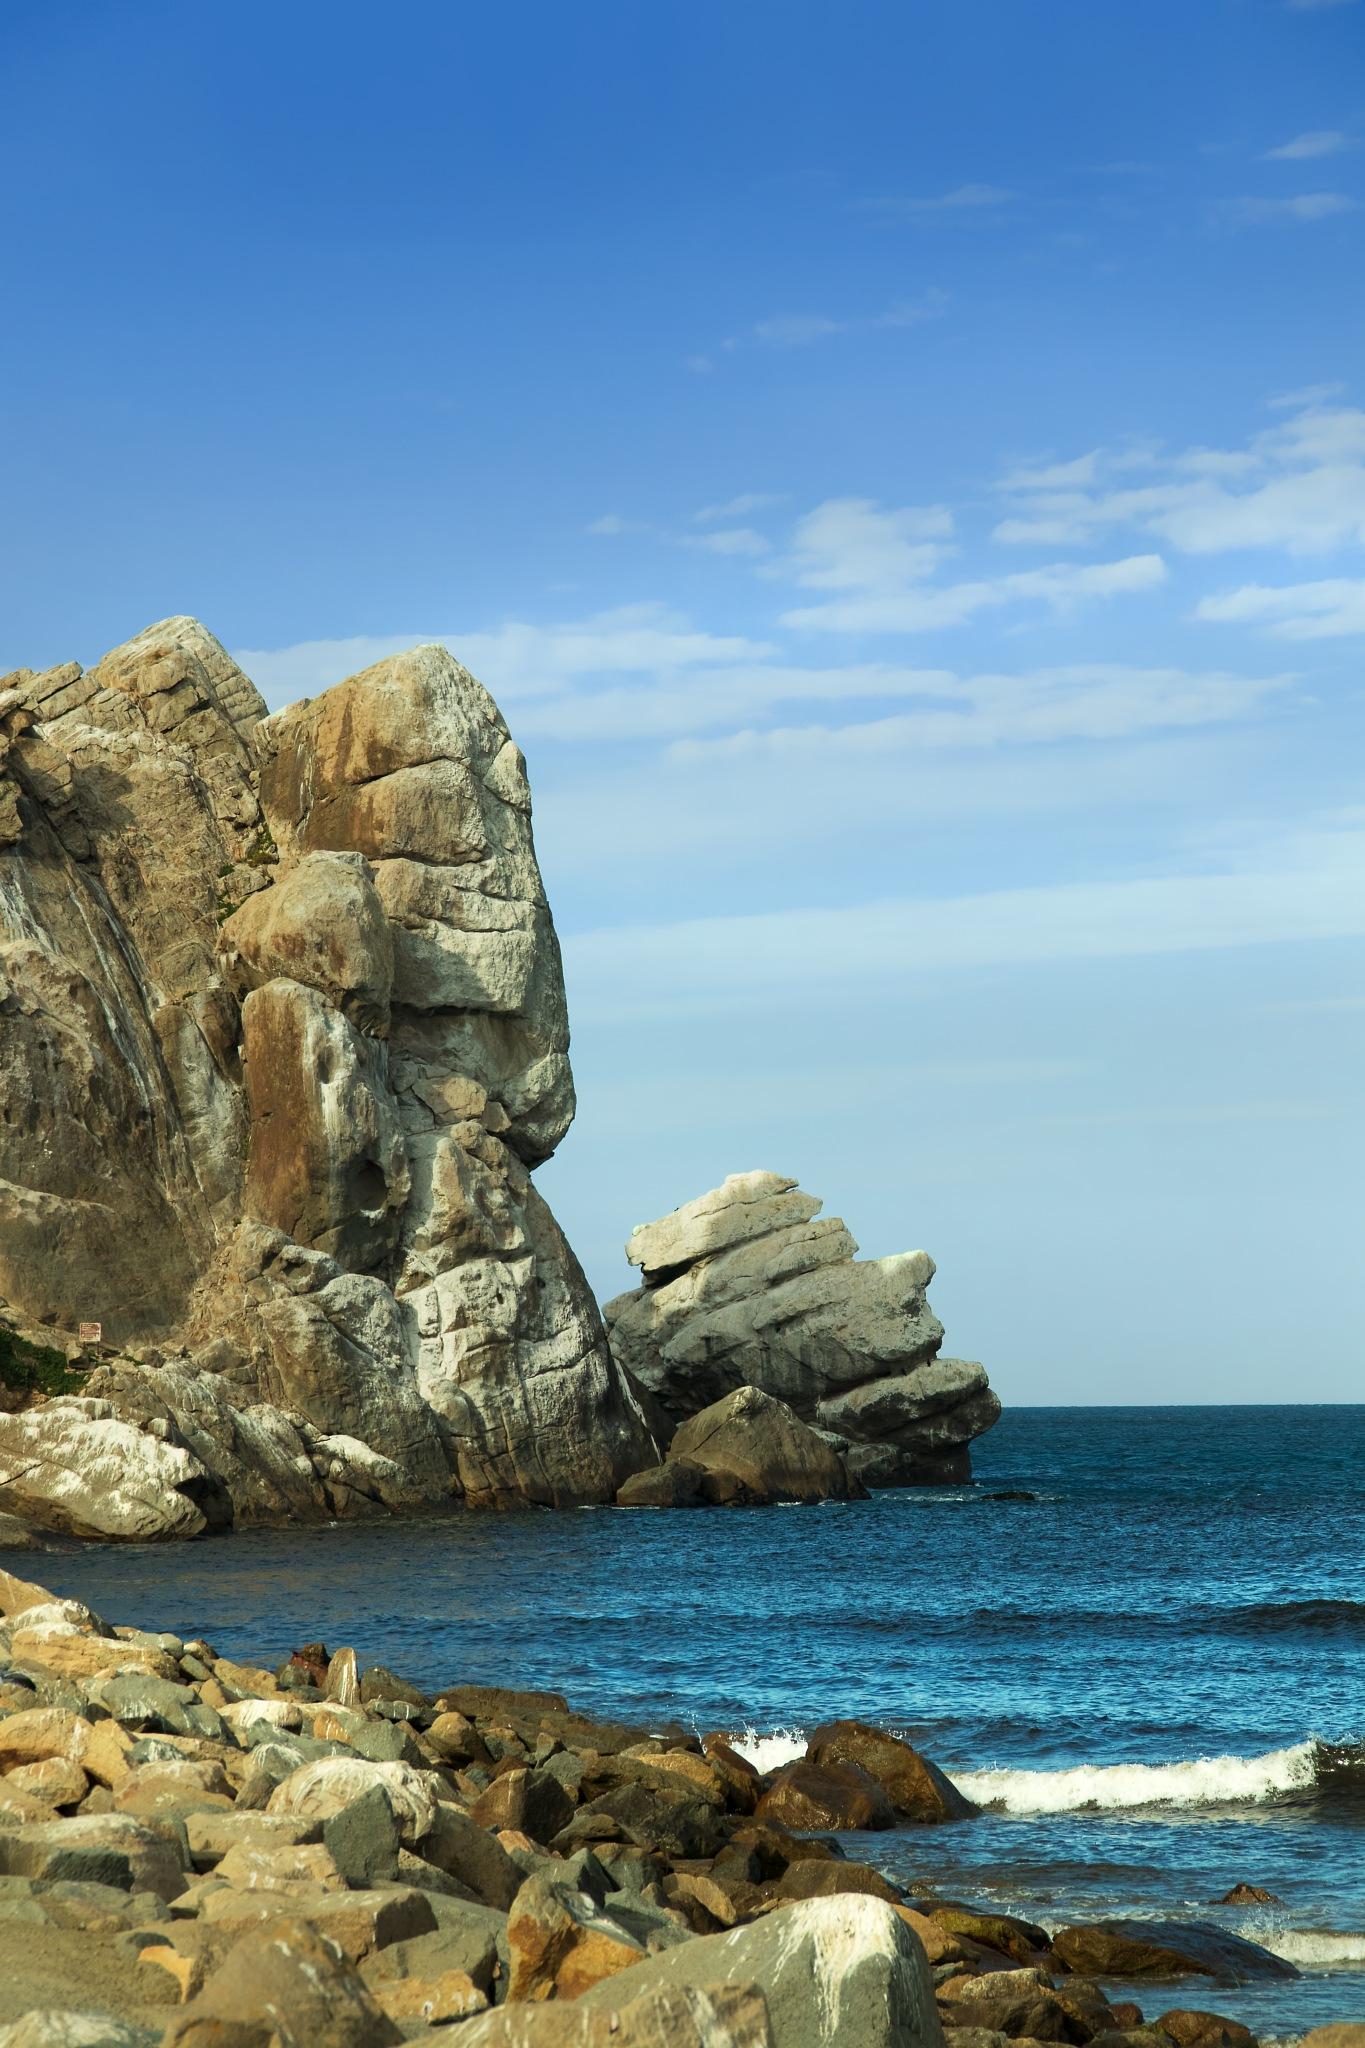 Rocks at Morro Bay by Bobjb